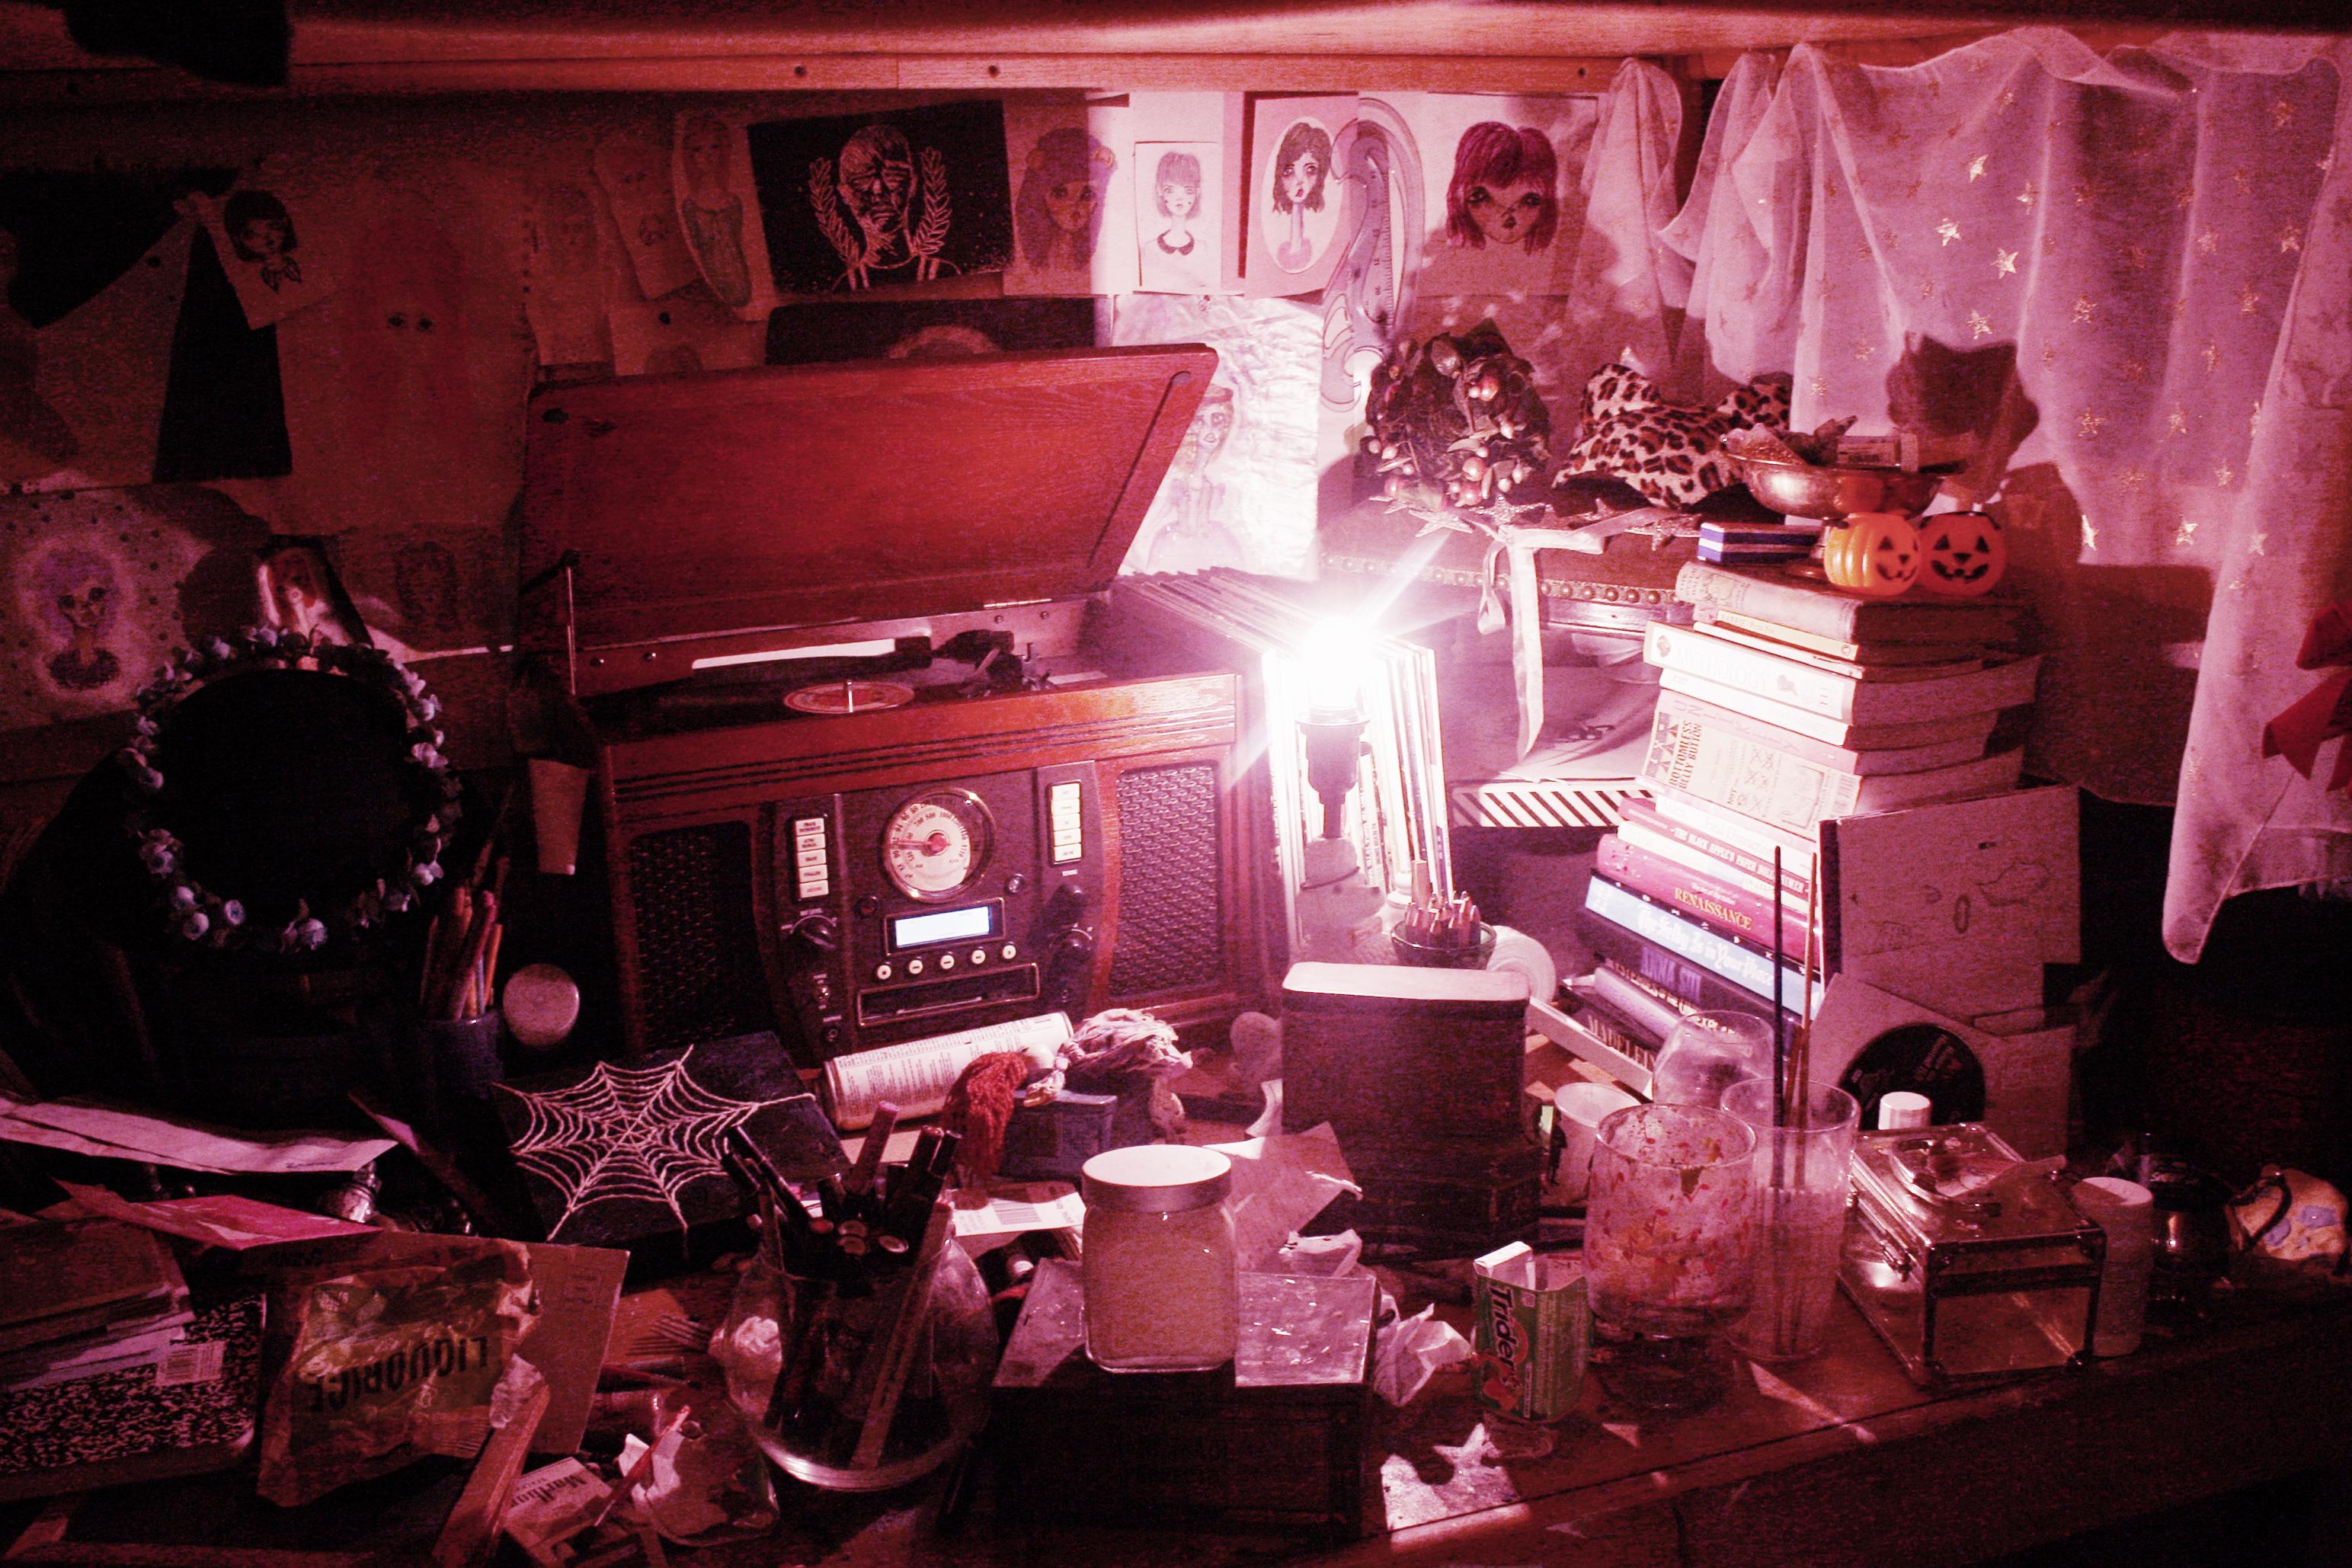 Sfondi Collage Camera Viola Libri Disordinato Rosa Camera Da Letto Pasticcio Scrivania Magenta Leggero Casa Disegni Recordplayer 3087x2058 793128 Sfondi Gratis Wallhere